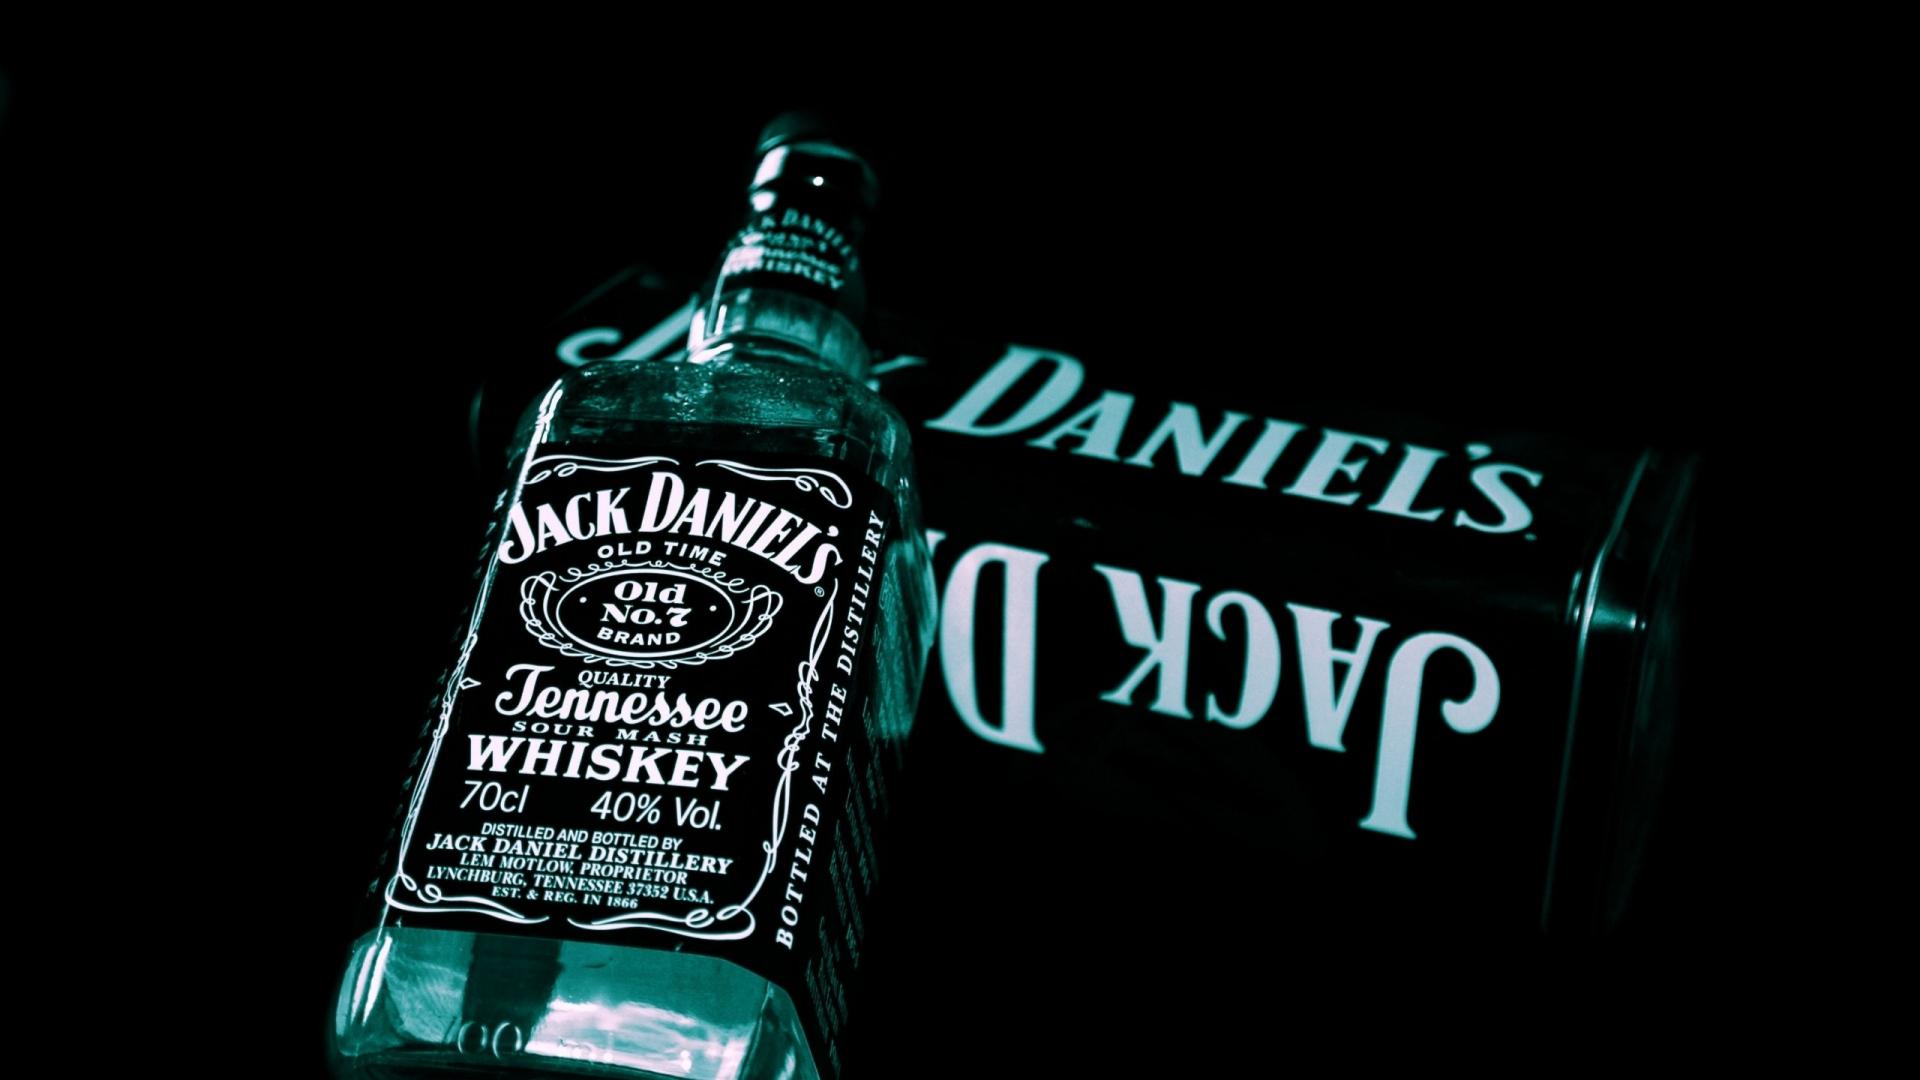 Jack Daniels Whiskey Bottle 2